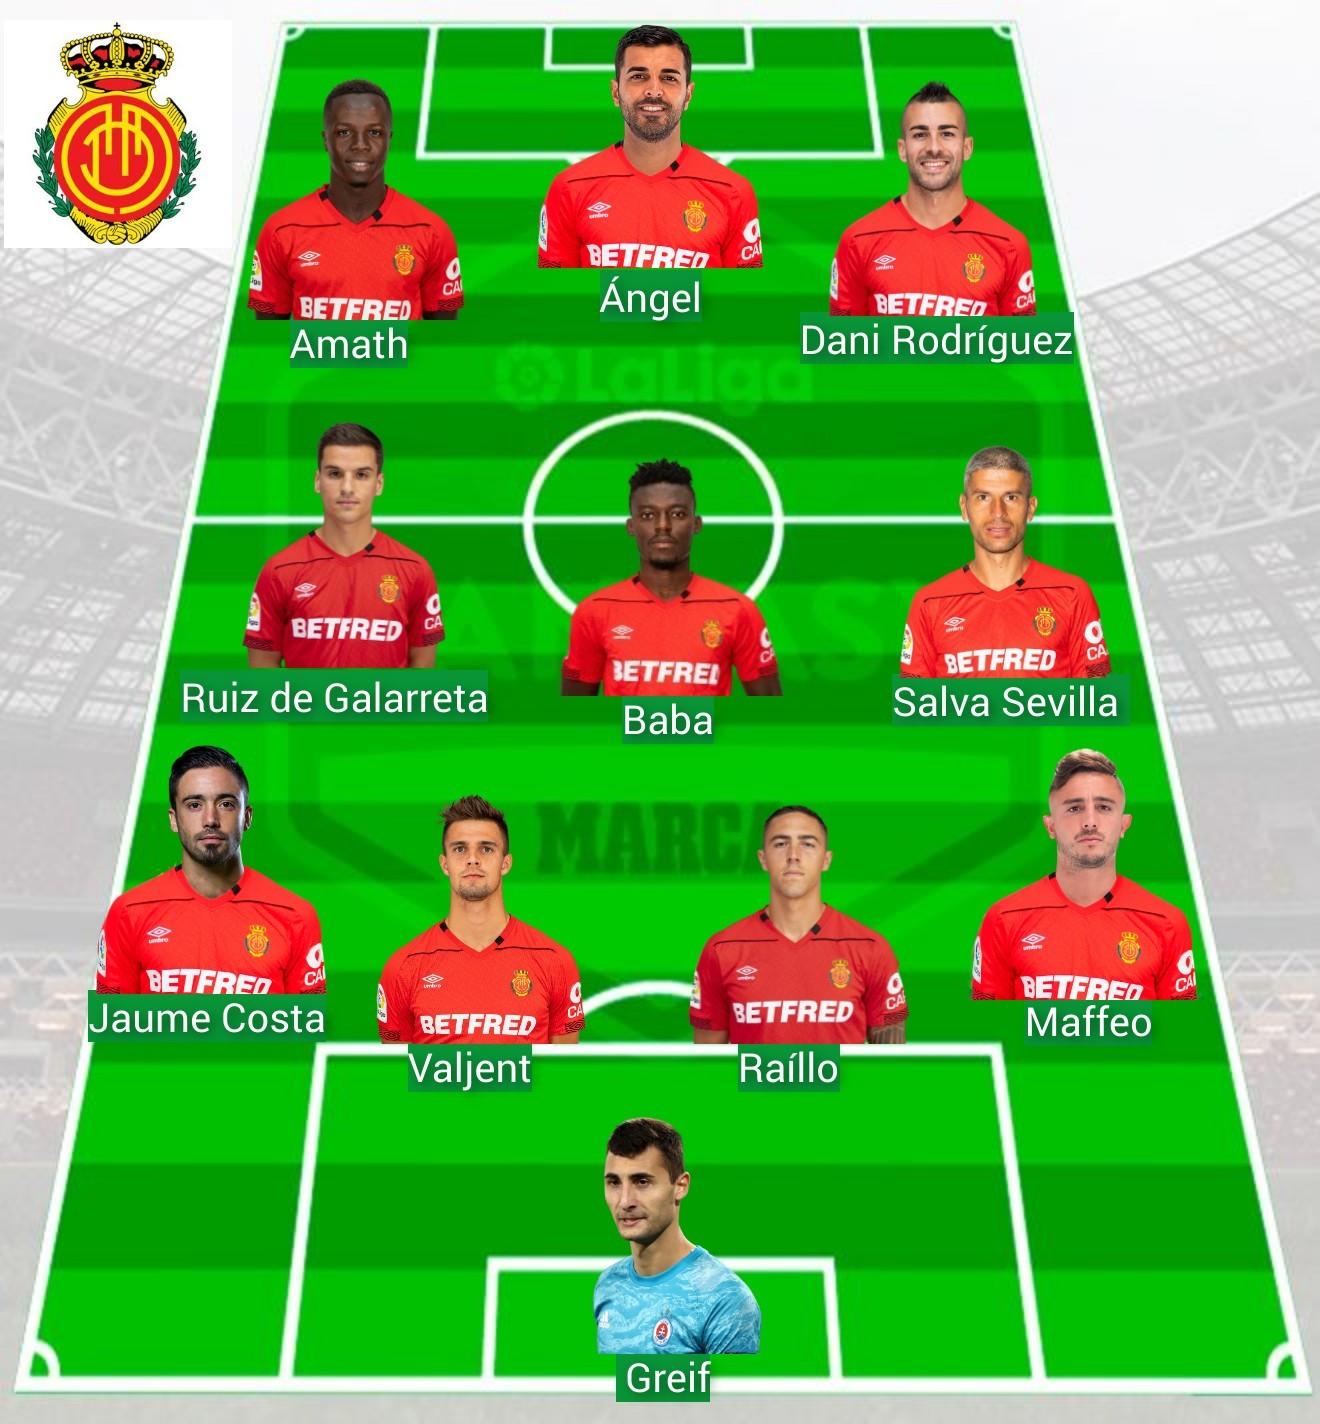 Fichajes Mallorca: traspasos, rumores, altas y bajas para la temporada 2021/22 en Primera División